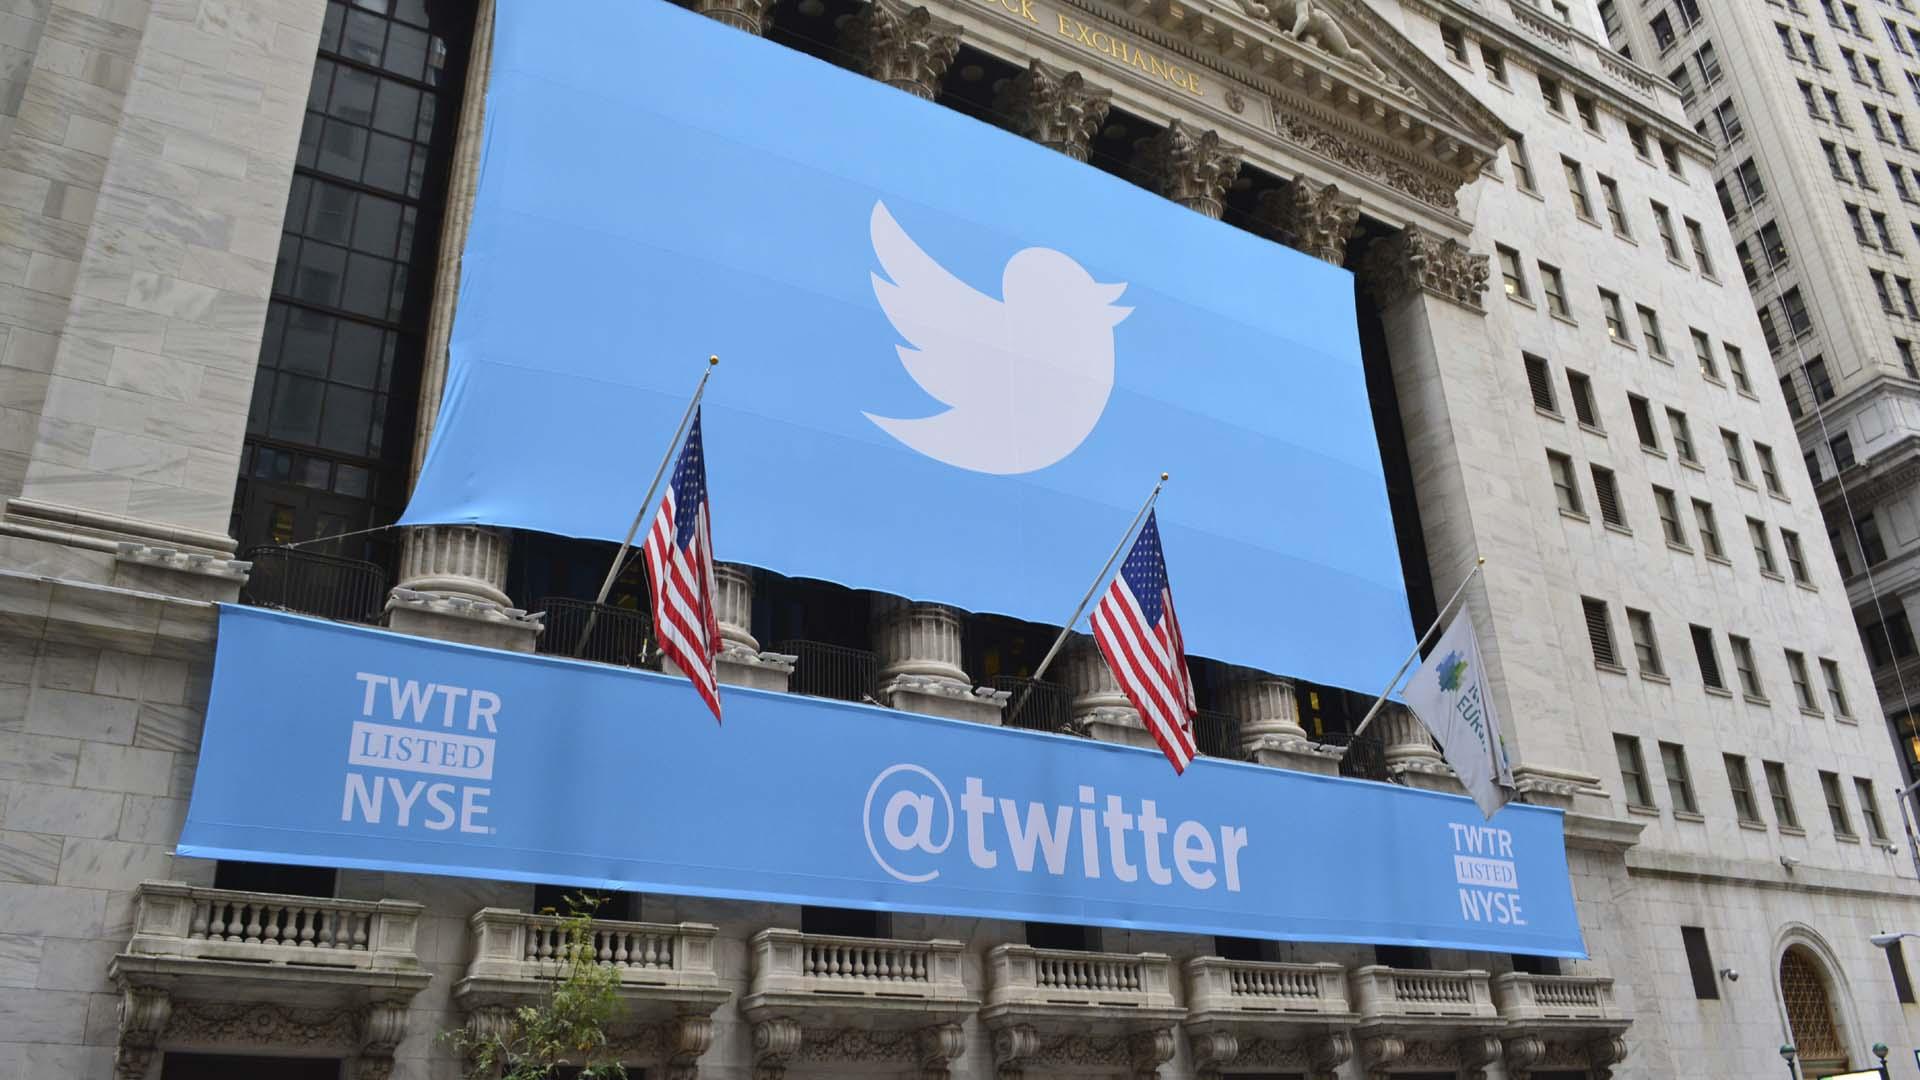 La publicación de contenido no deseado ha promovido múltiples disputas entre el país y la red social